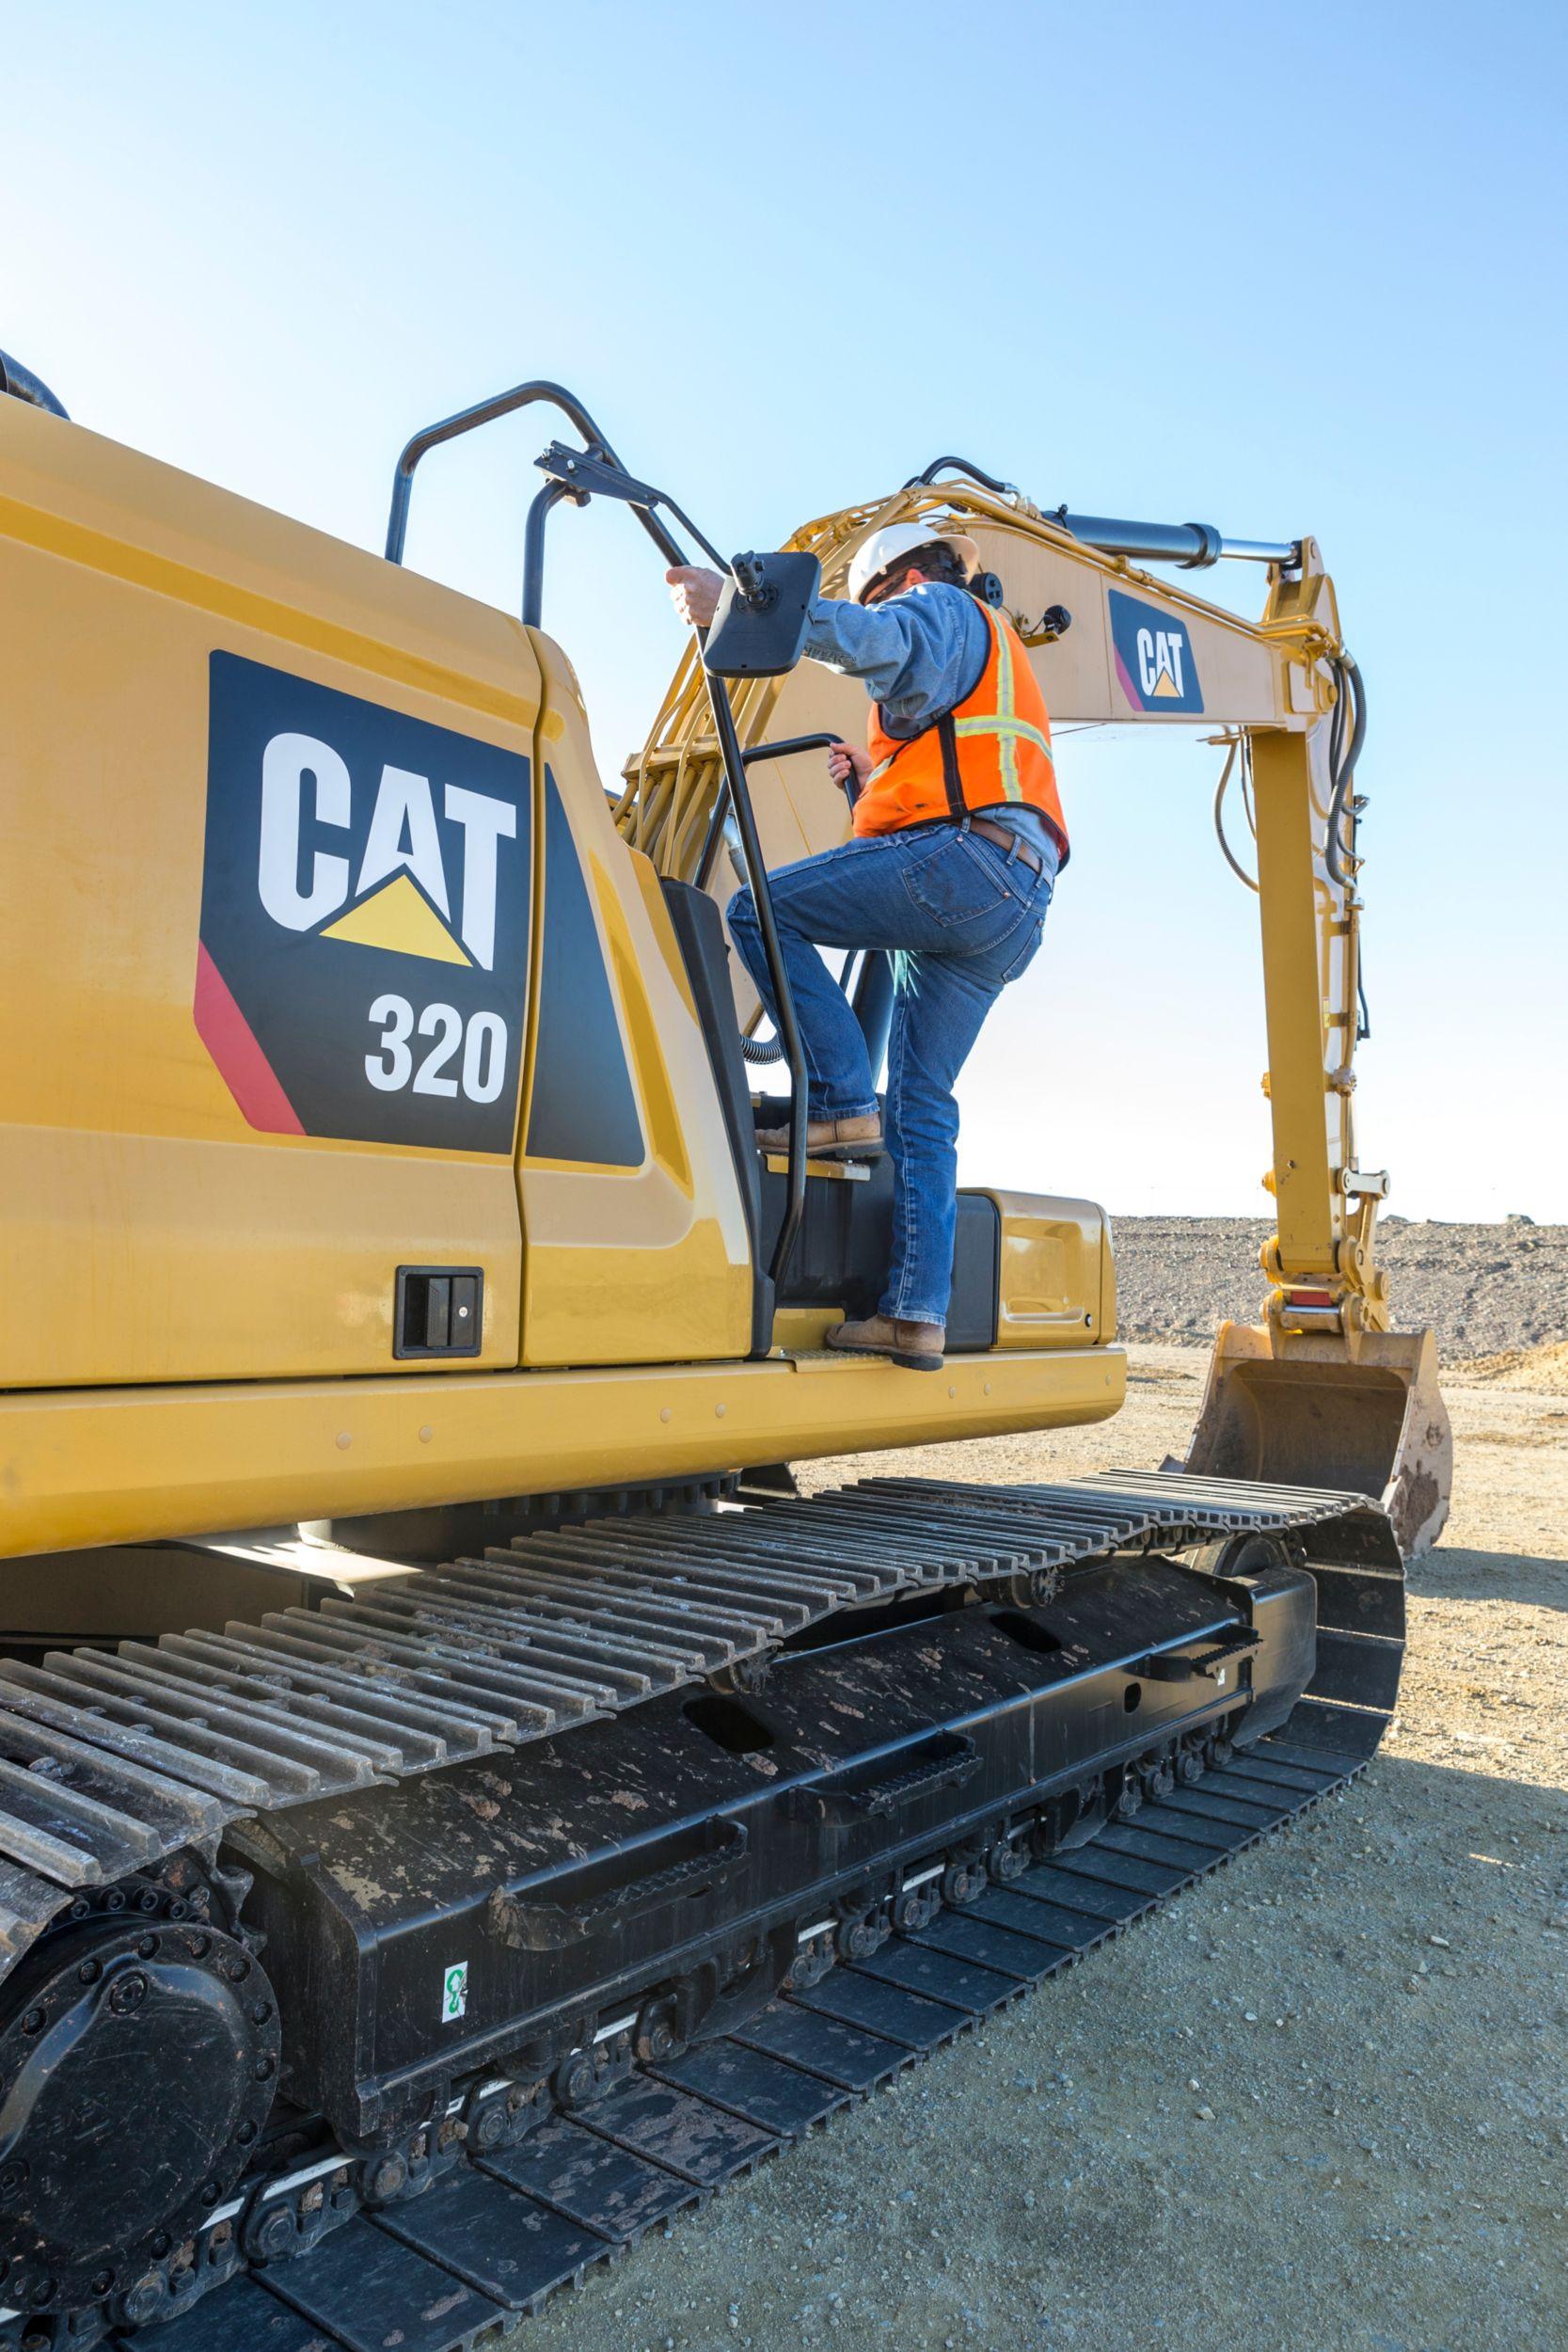 Pleasing Cat 320 Hydraulic Excavator Caterpillar Wiring Digital Resources Funapmognl